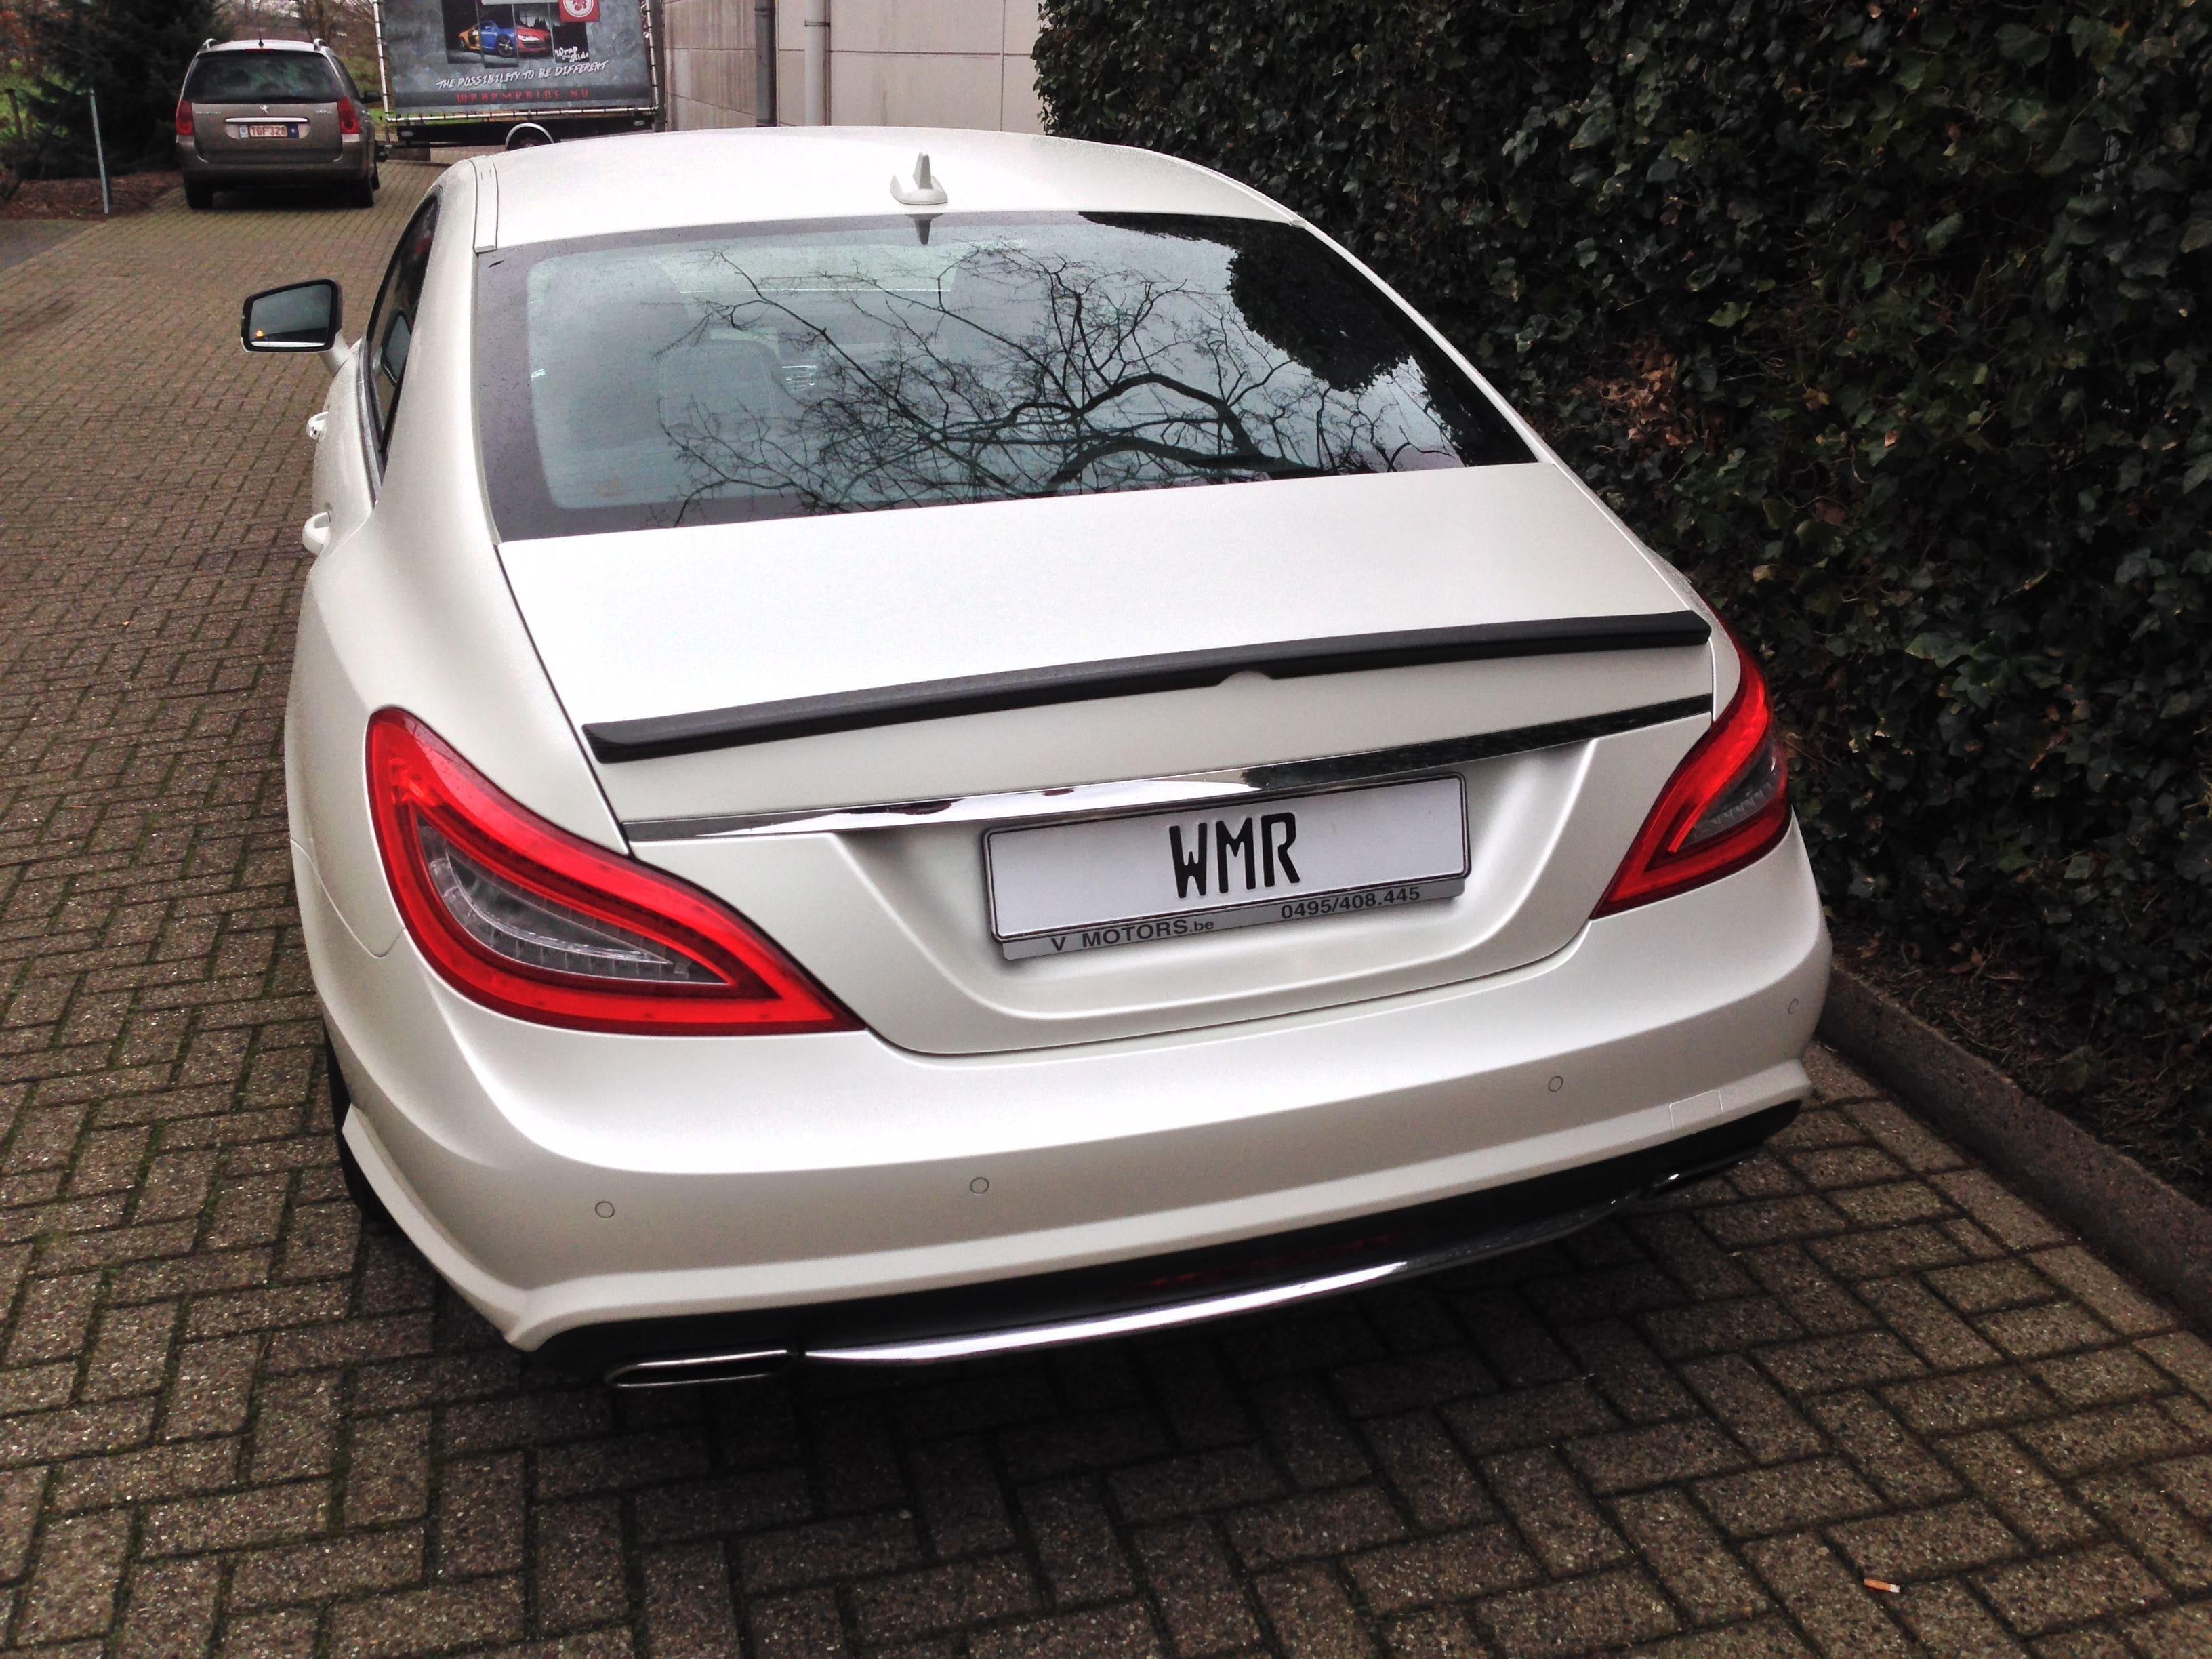 Mercedes CLS met White Satin Pearl Wrap, Carwrapping door Wrapmyride.nu Foto-nr:6211, ©2021